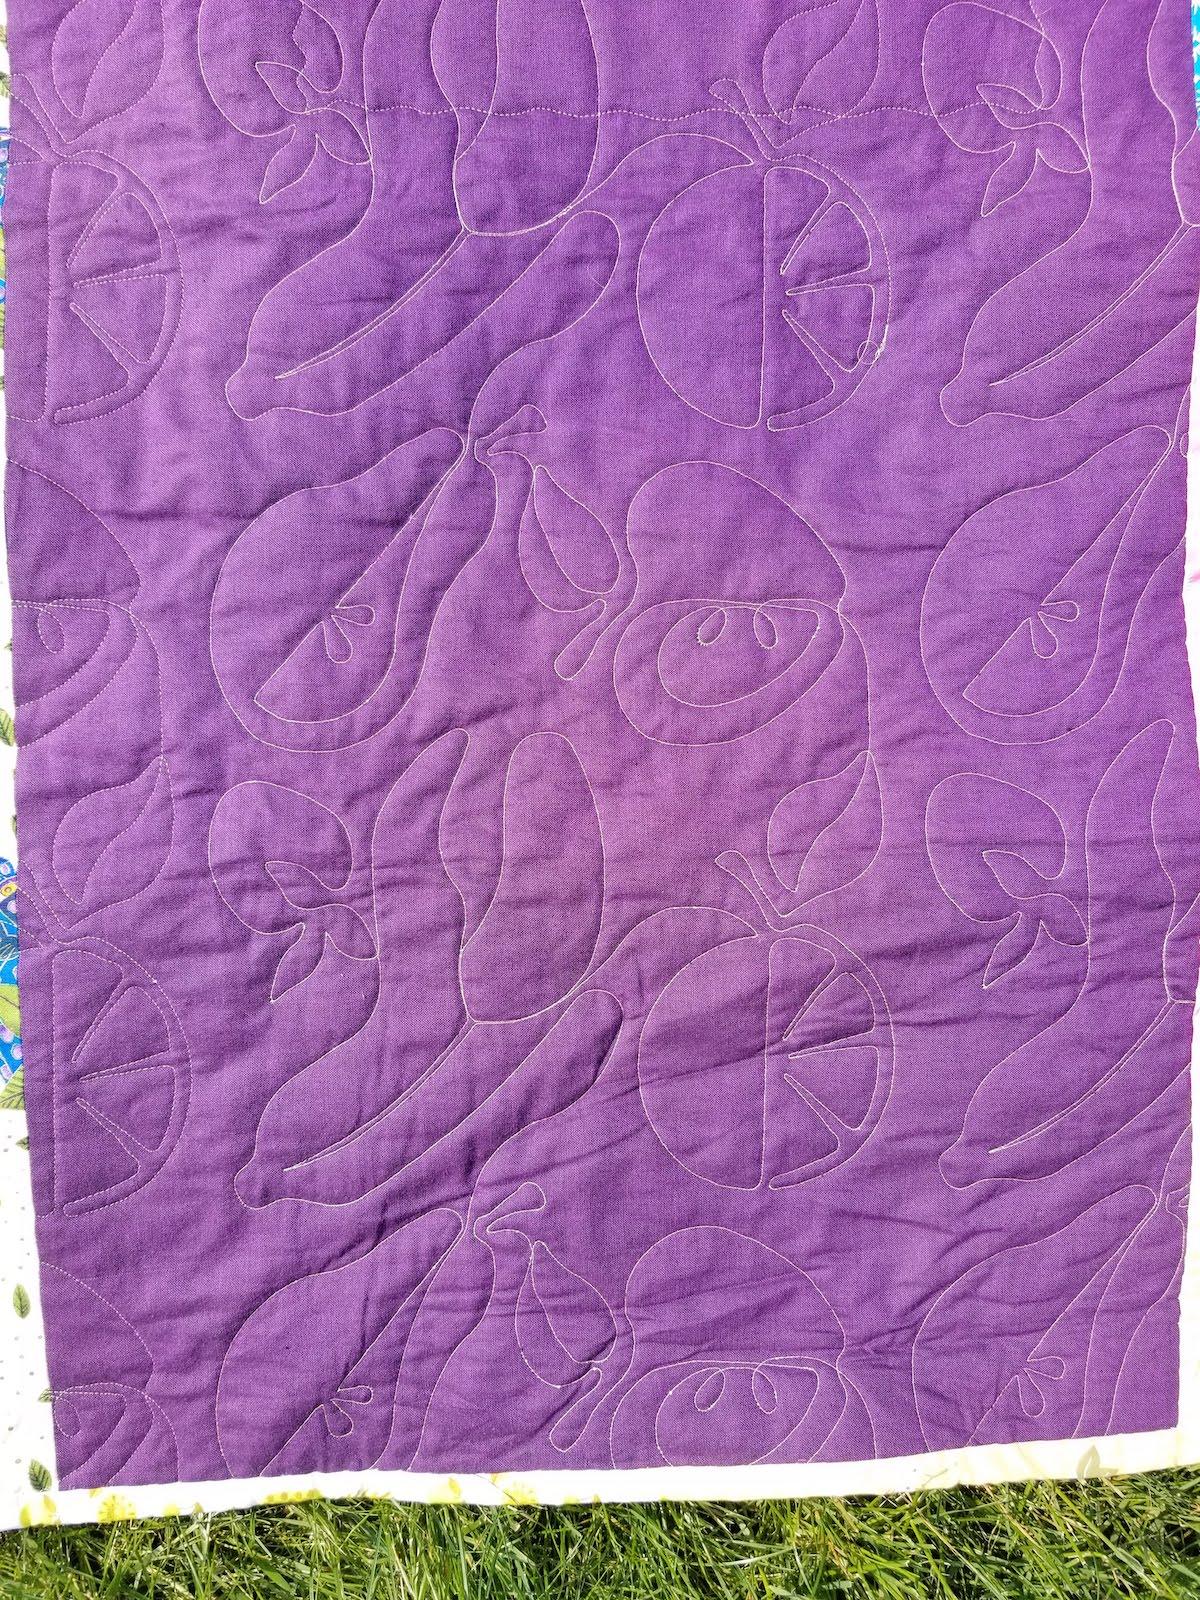 fruit quilting purple fabric